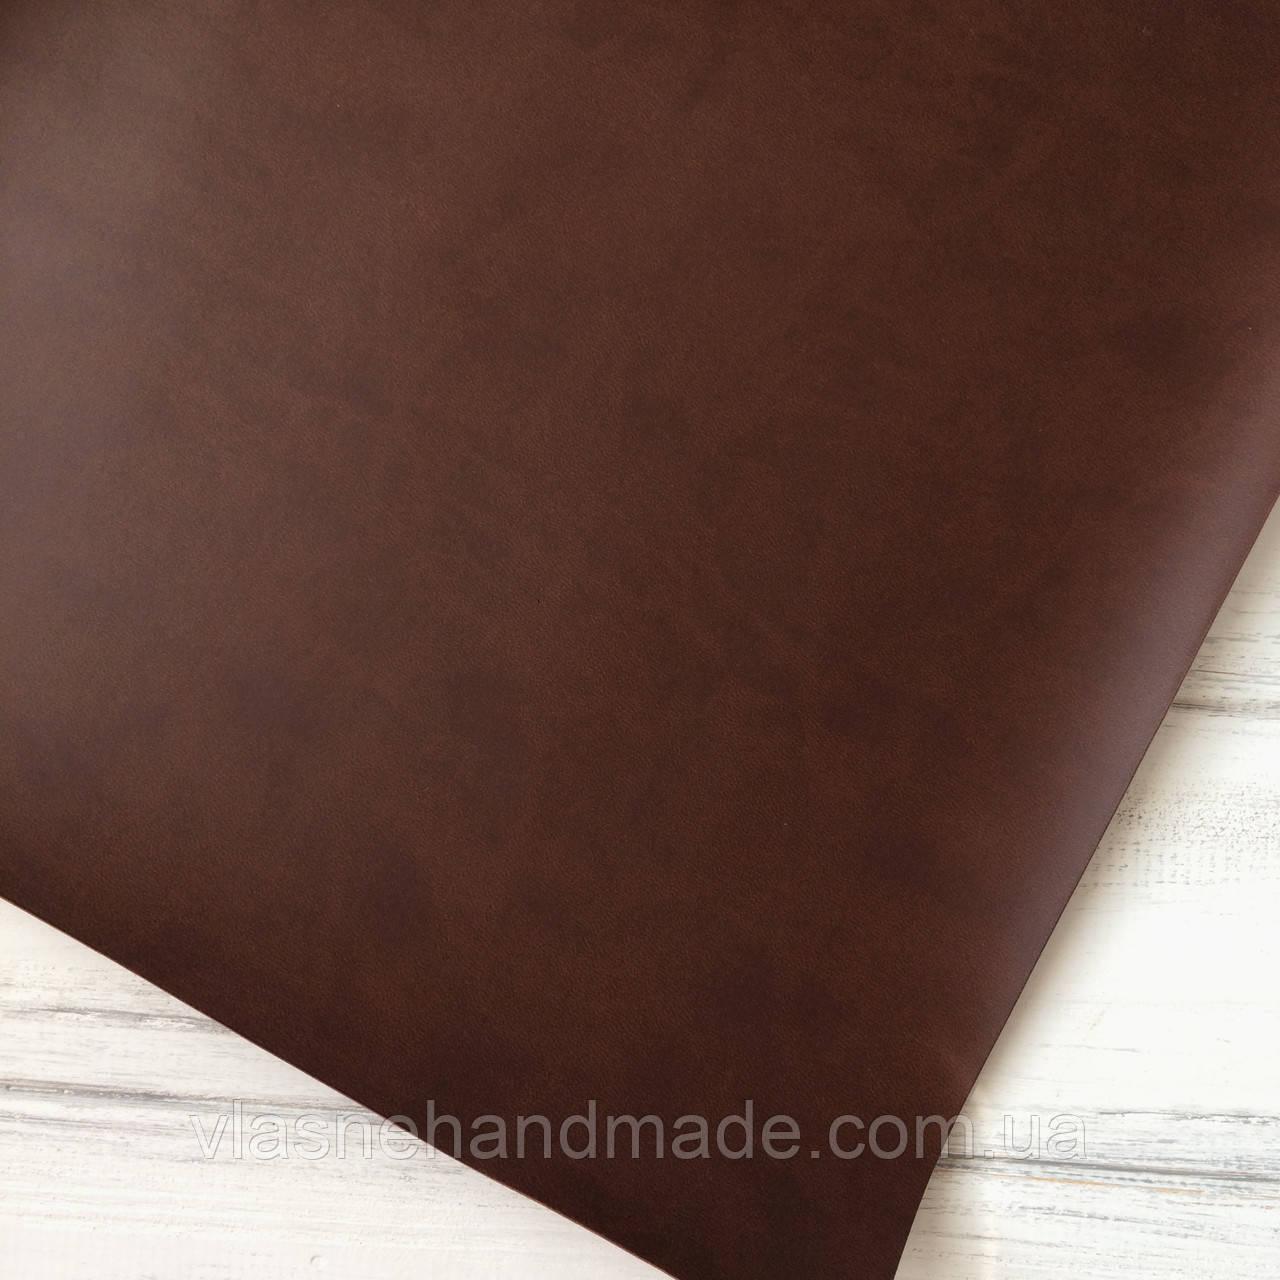 НЕФОРМАТ АБО НЕВЕЛИКИЙ БРАК! Шкірзамінник палітурний - матовий - темно-коричневий - 25х35 см